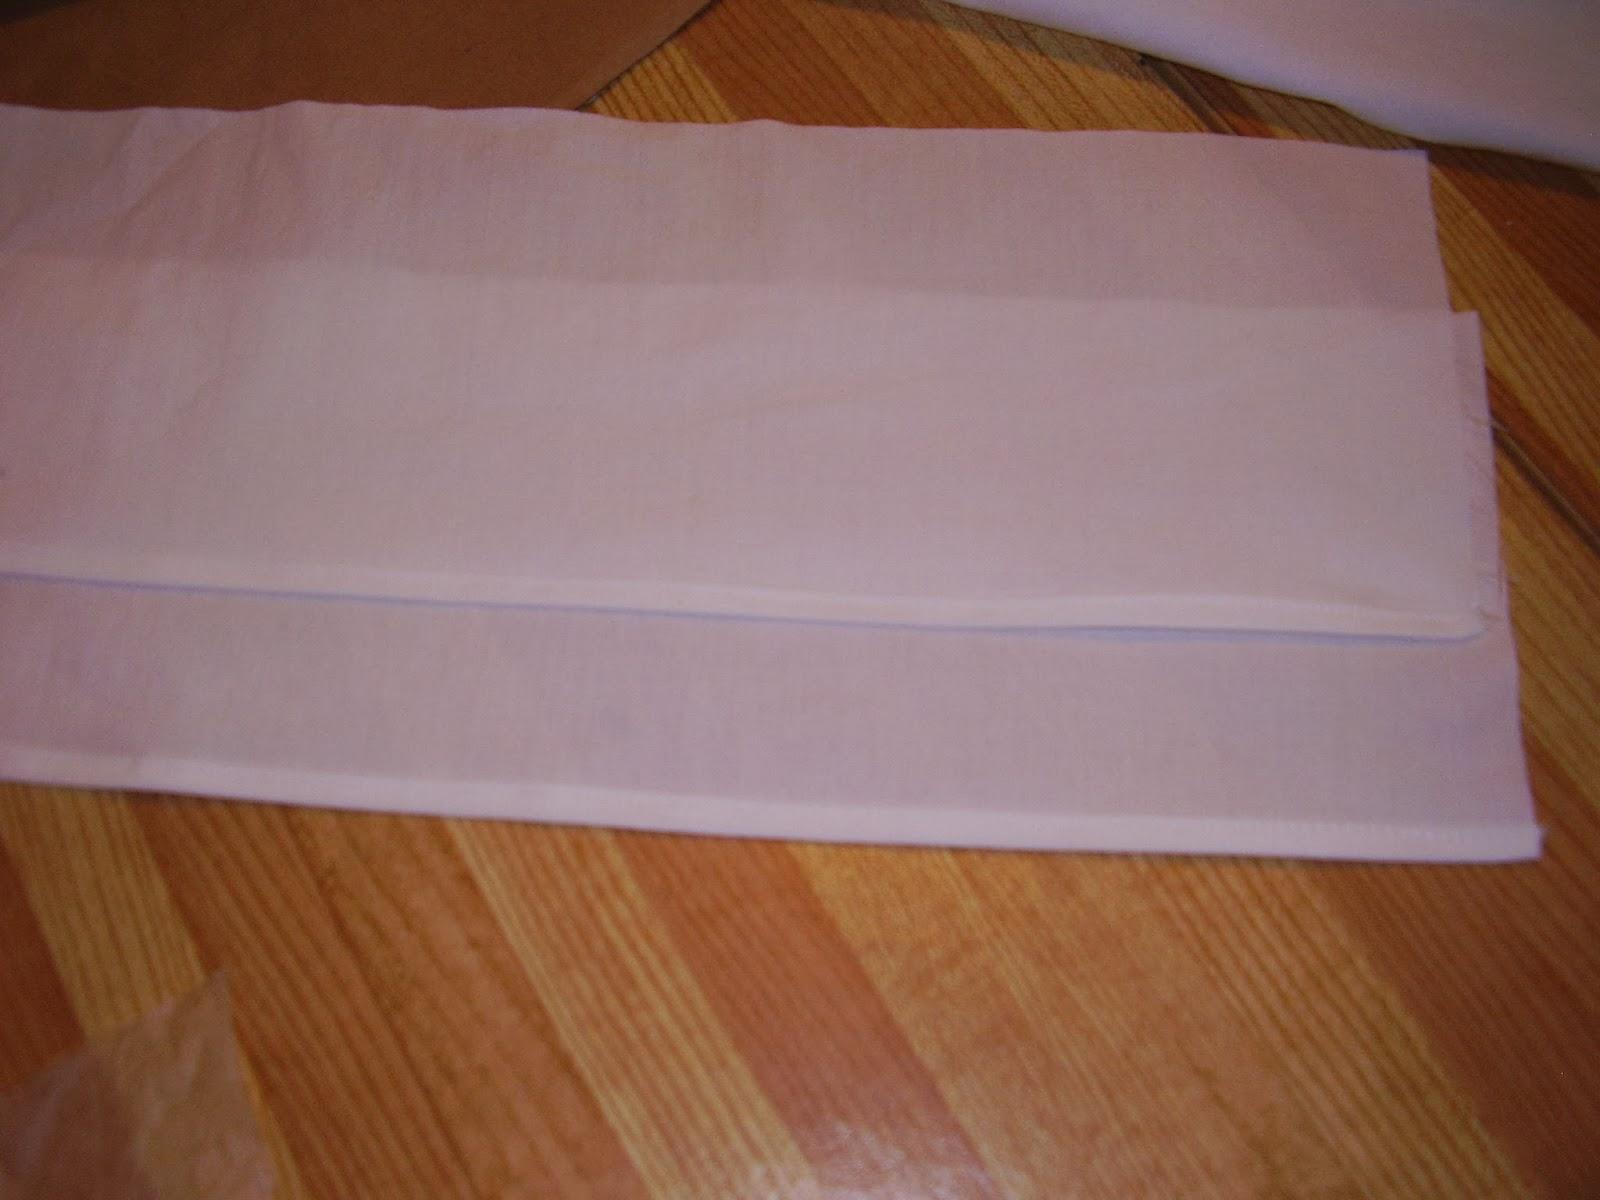 Hemmed sleeves for Regency chemise or shift.